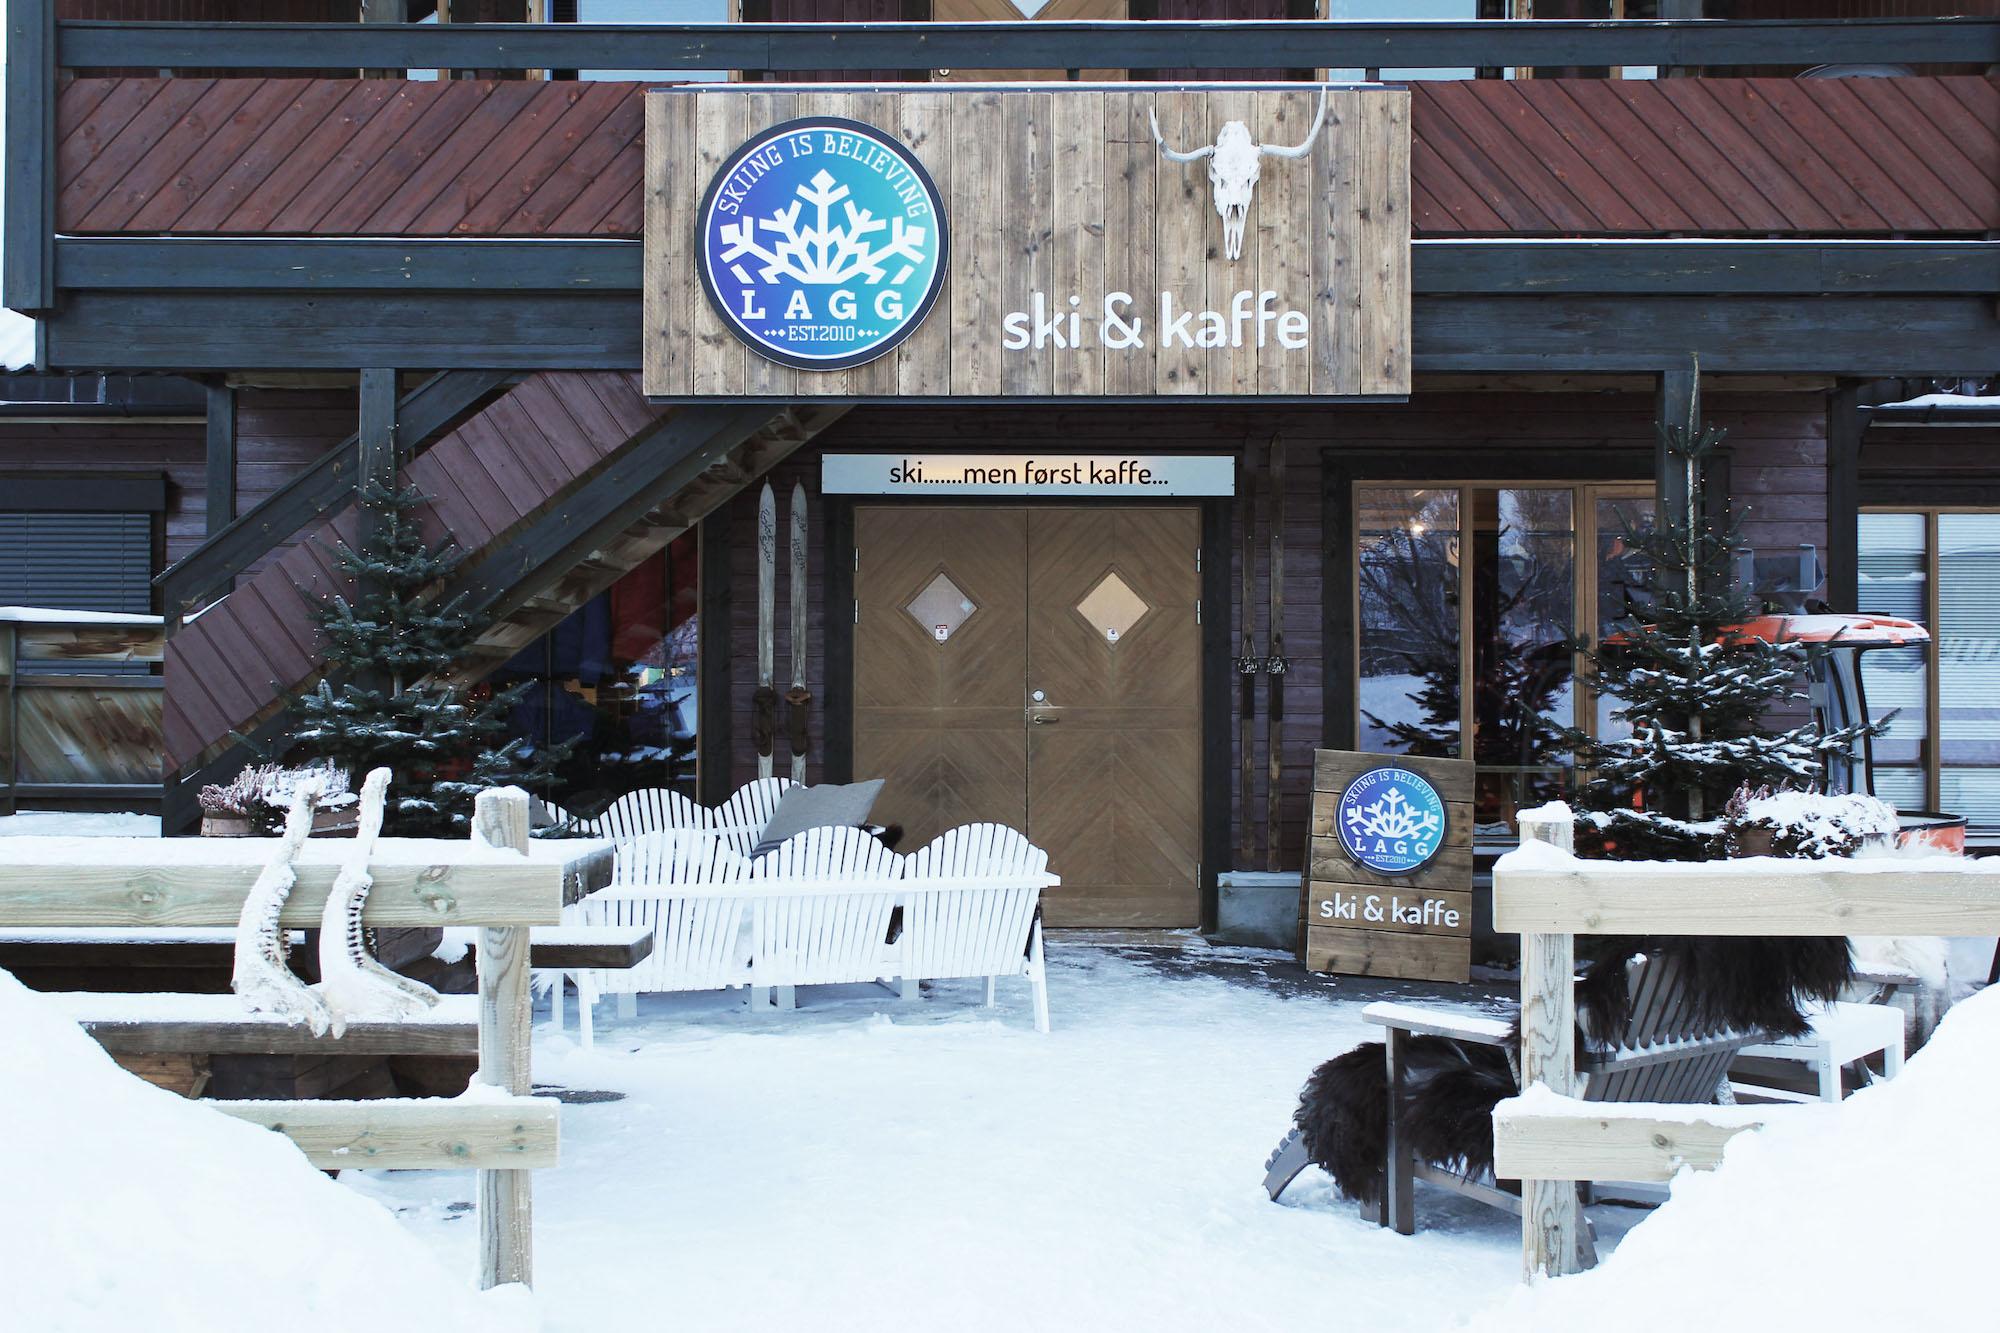 LAGG ski&kaffe